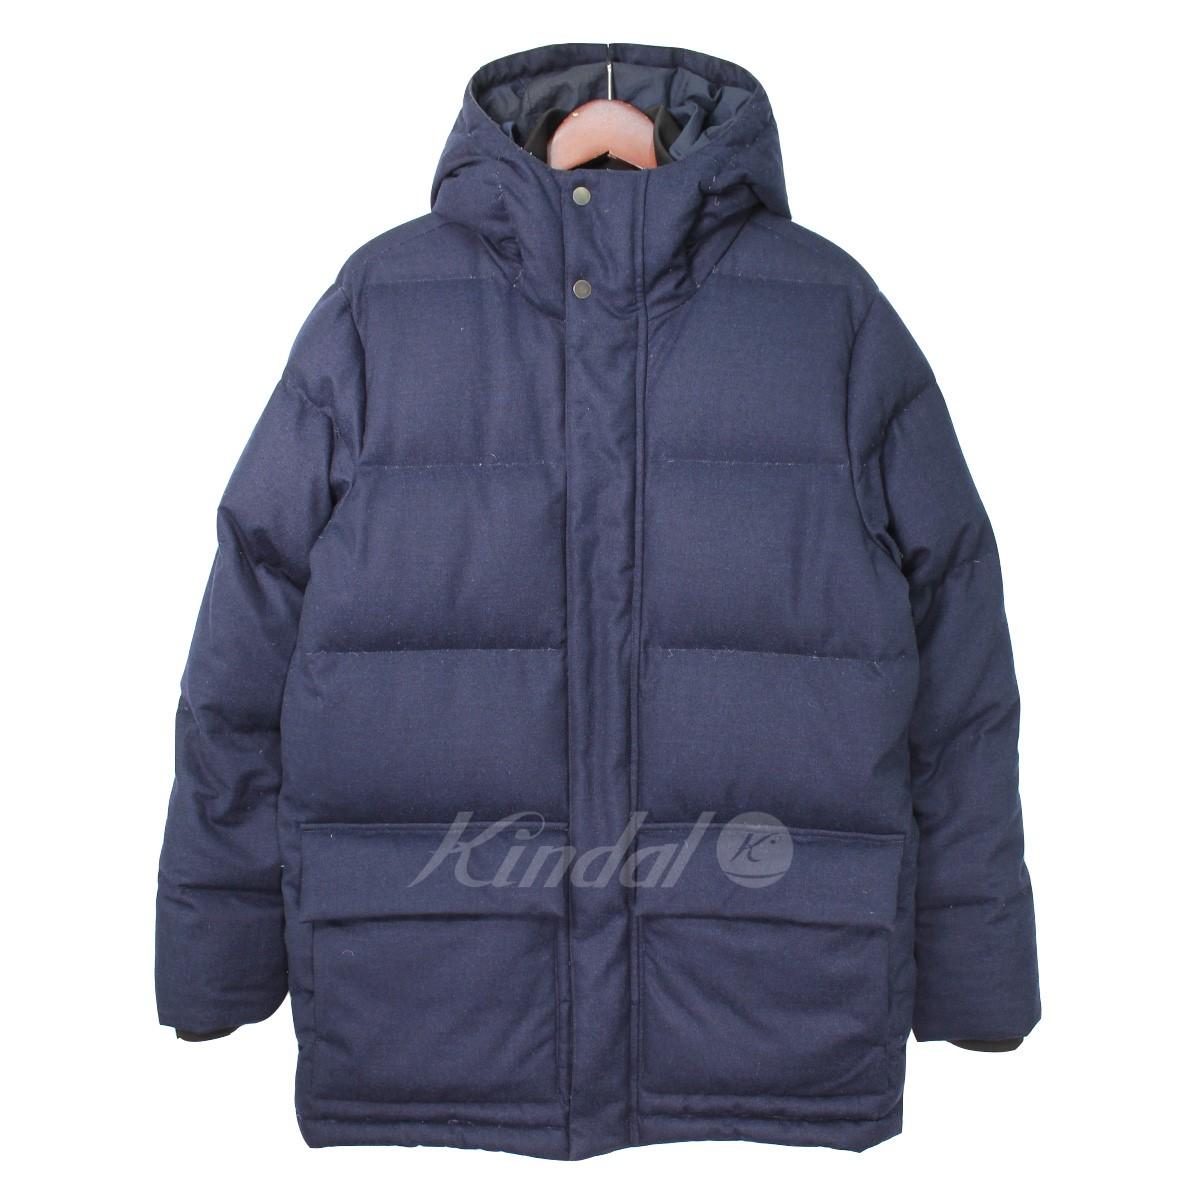 【中古】NORSE PROJECTS Willum Down Jacket Storm Wool ダウンジャケット 【送料無料】 【006766】 【KIND1641】